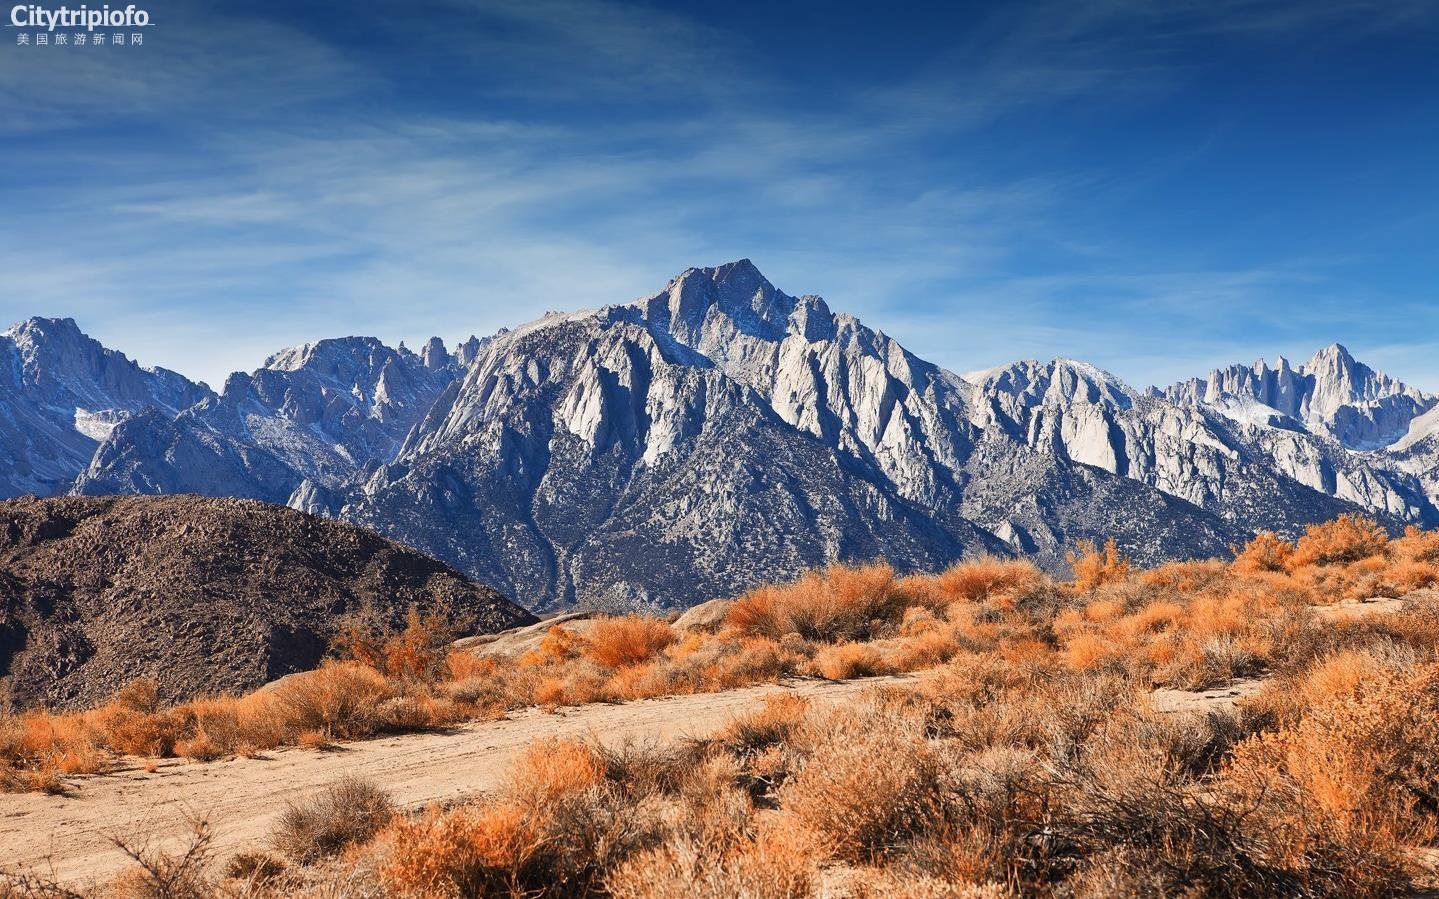 美国红杉树国家公园 Sequoia National Park